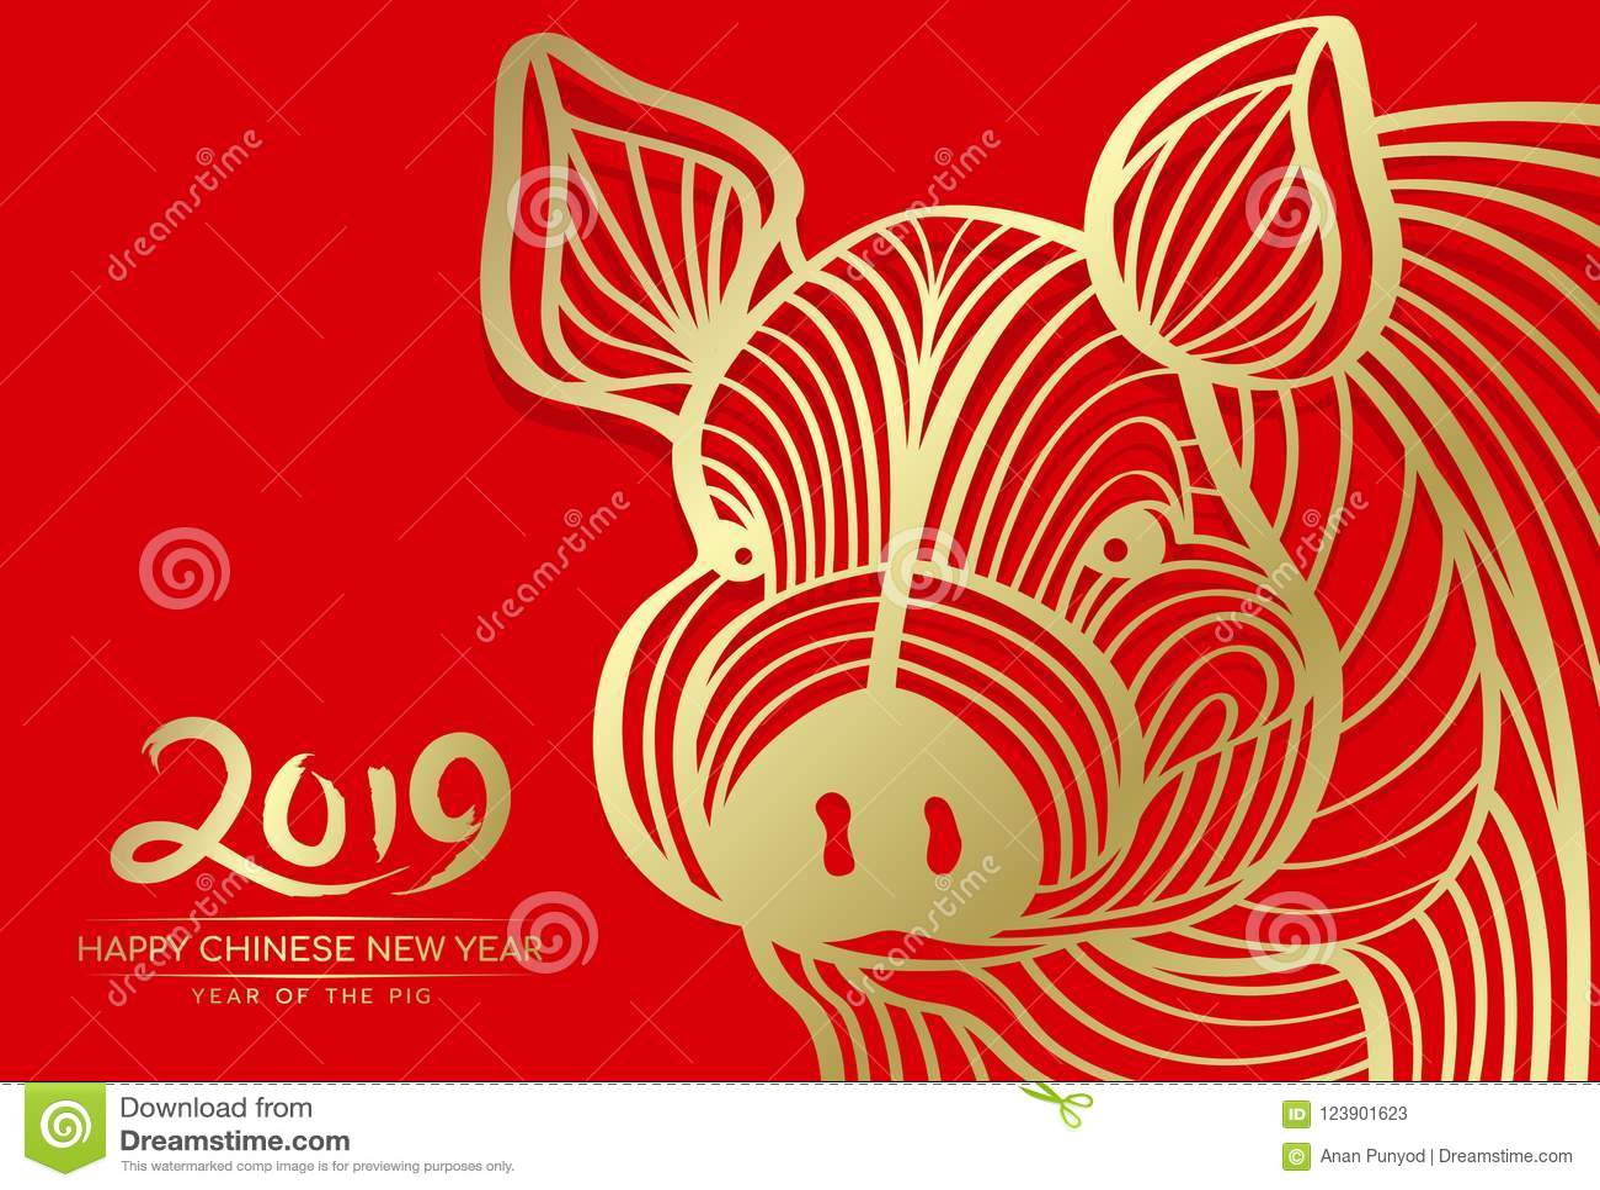 愉快的春节2019年和年与金头猪摘要线的猪卡片在红色背景传染媒介设计